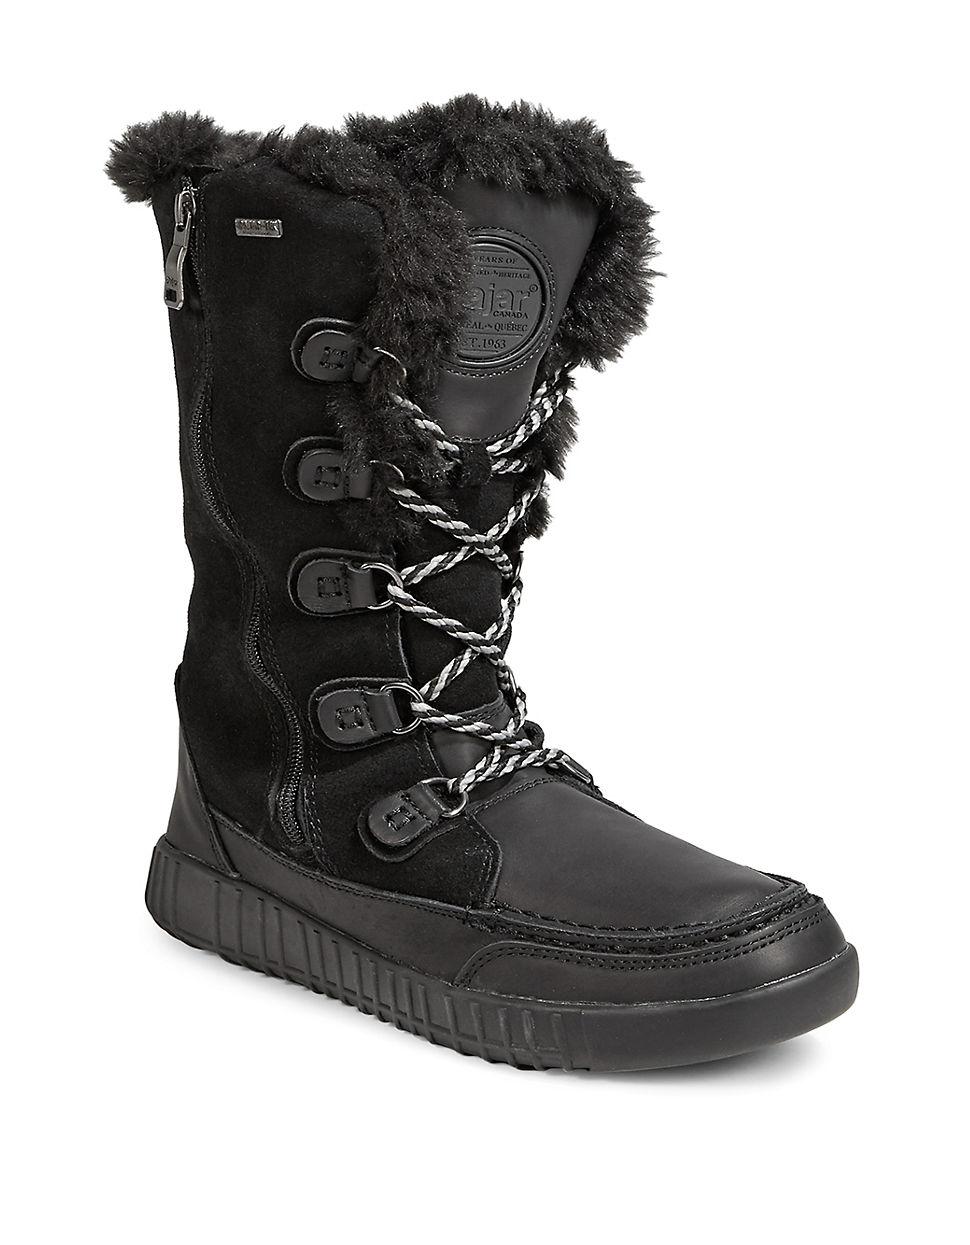 boots canada square